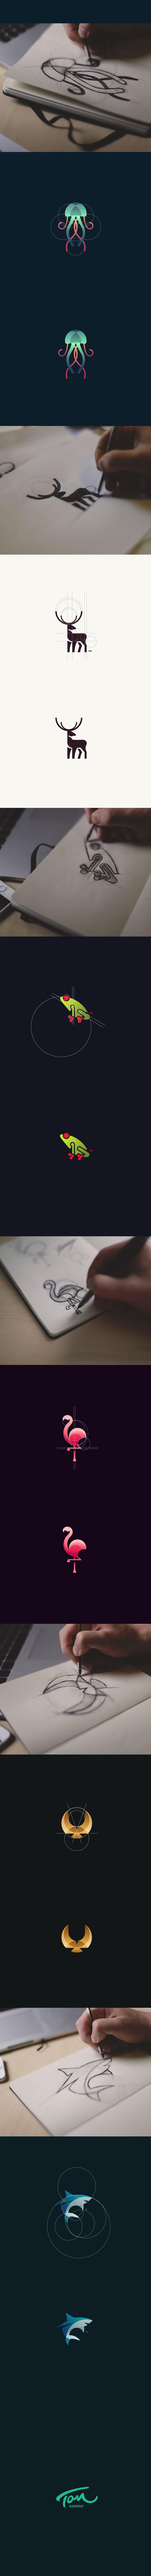 Logos de animais em formas minimalistas | Repertório Criativo